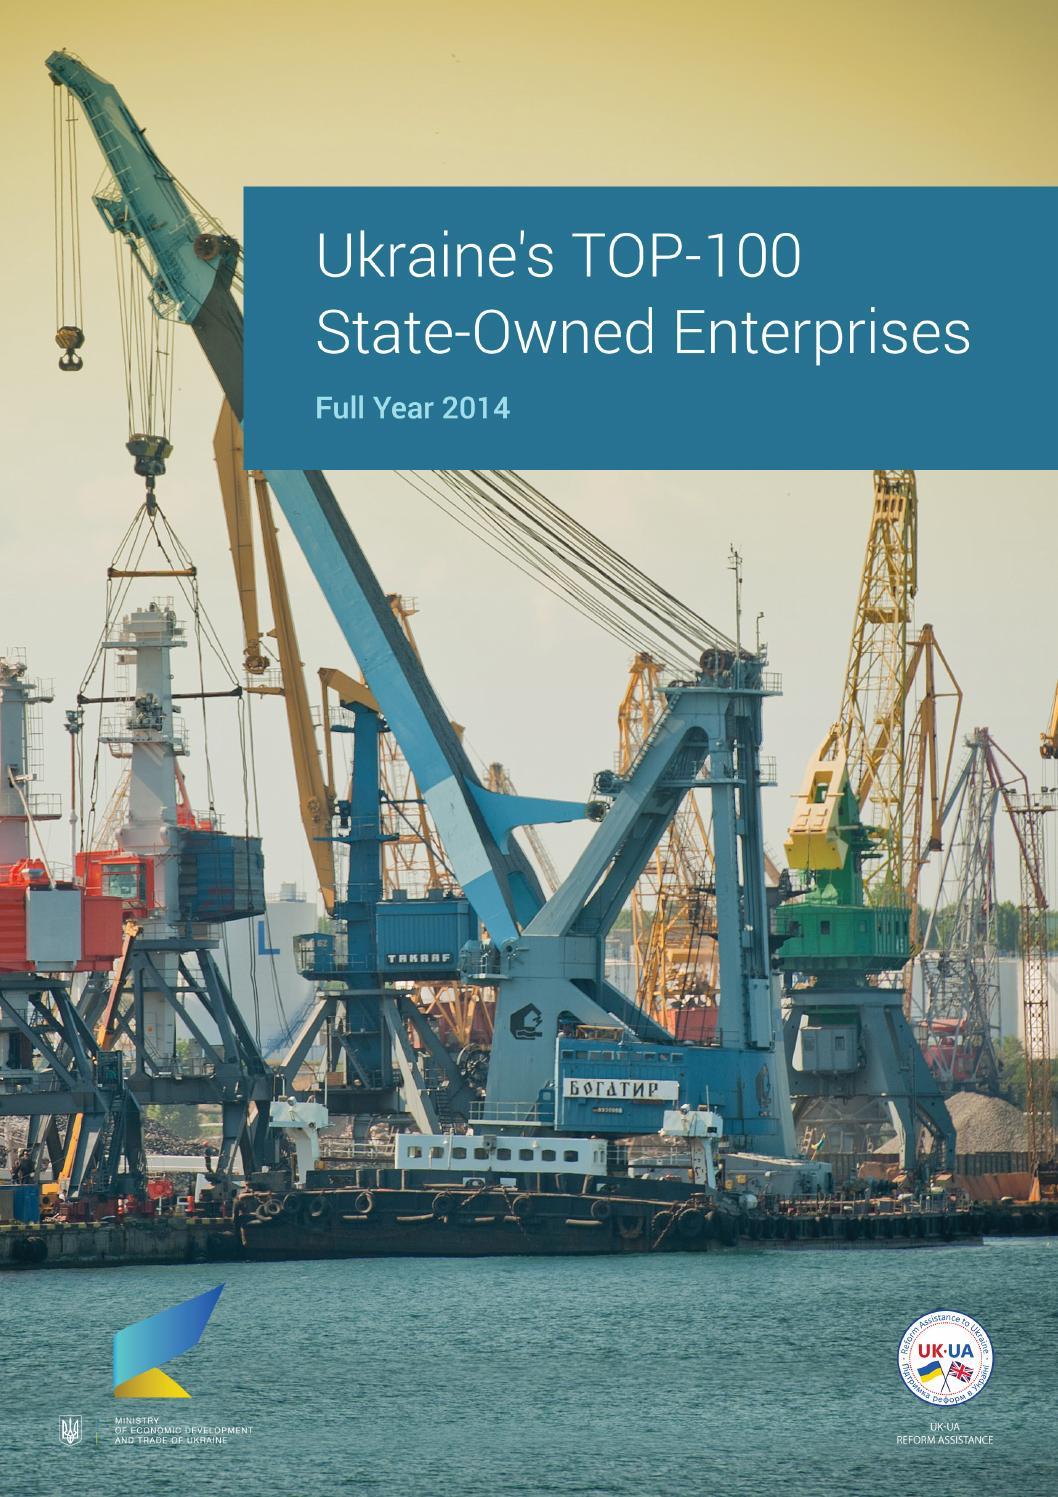 Ukraine is depreciating